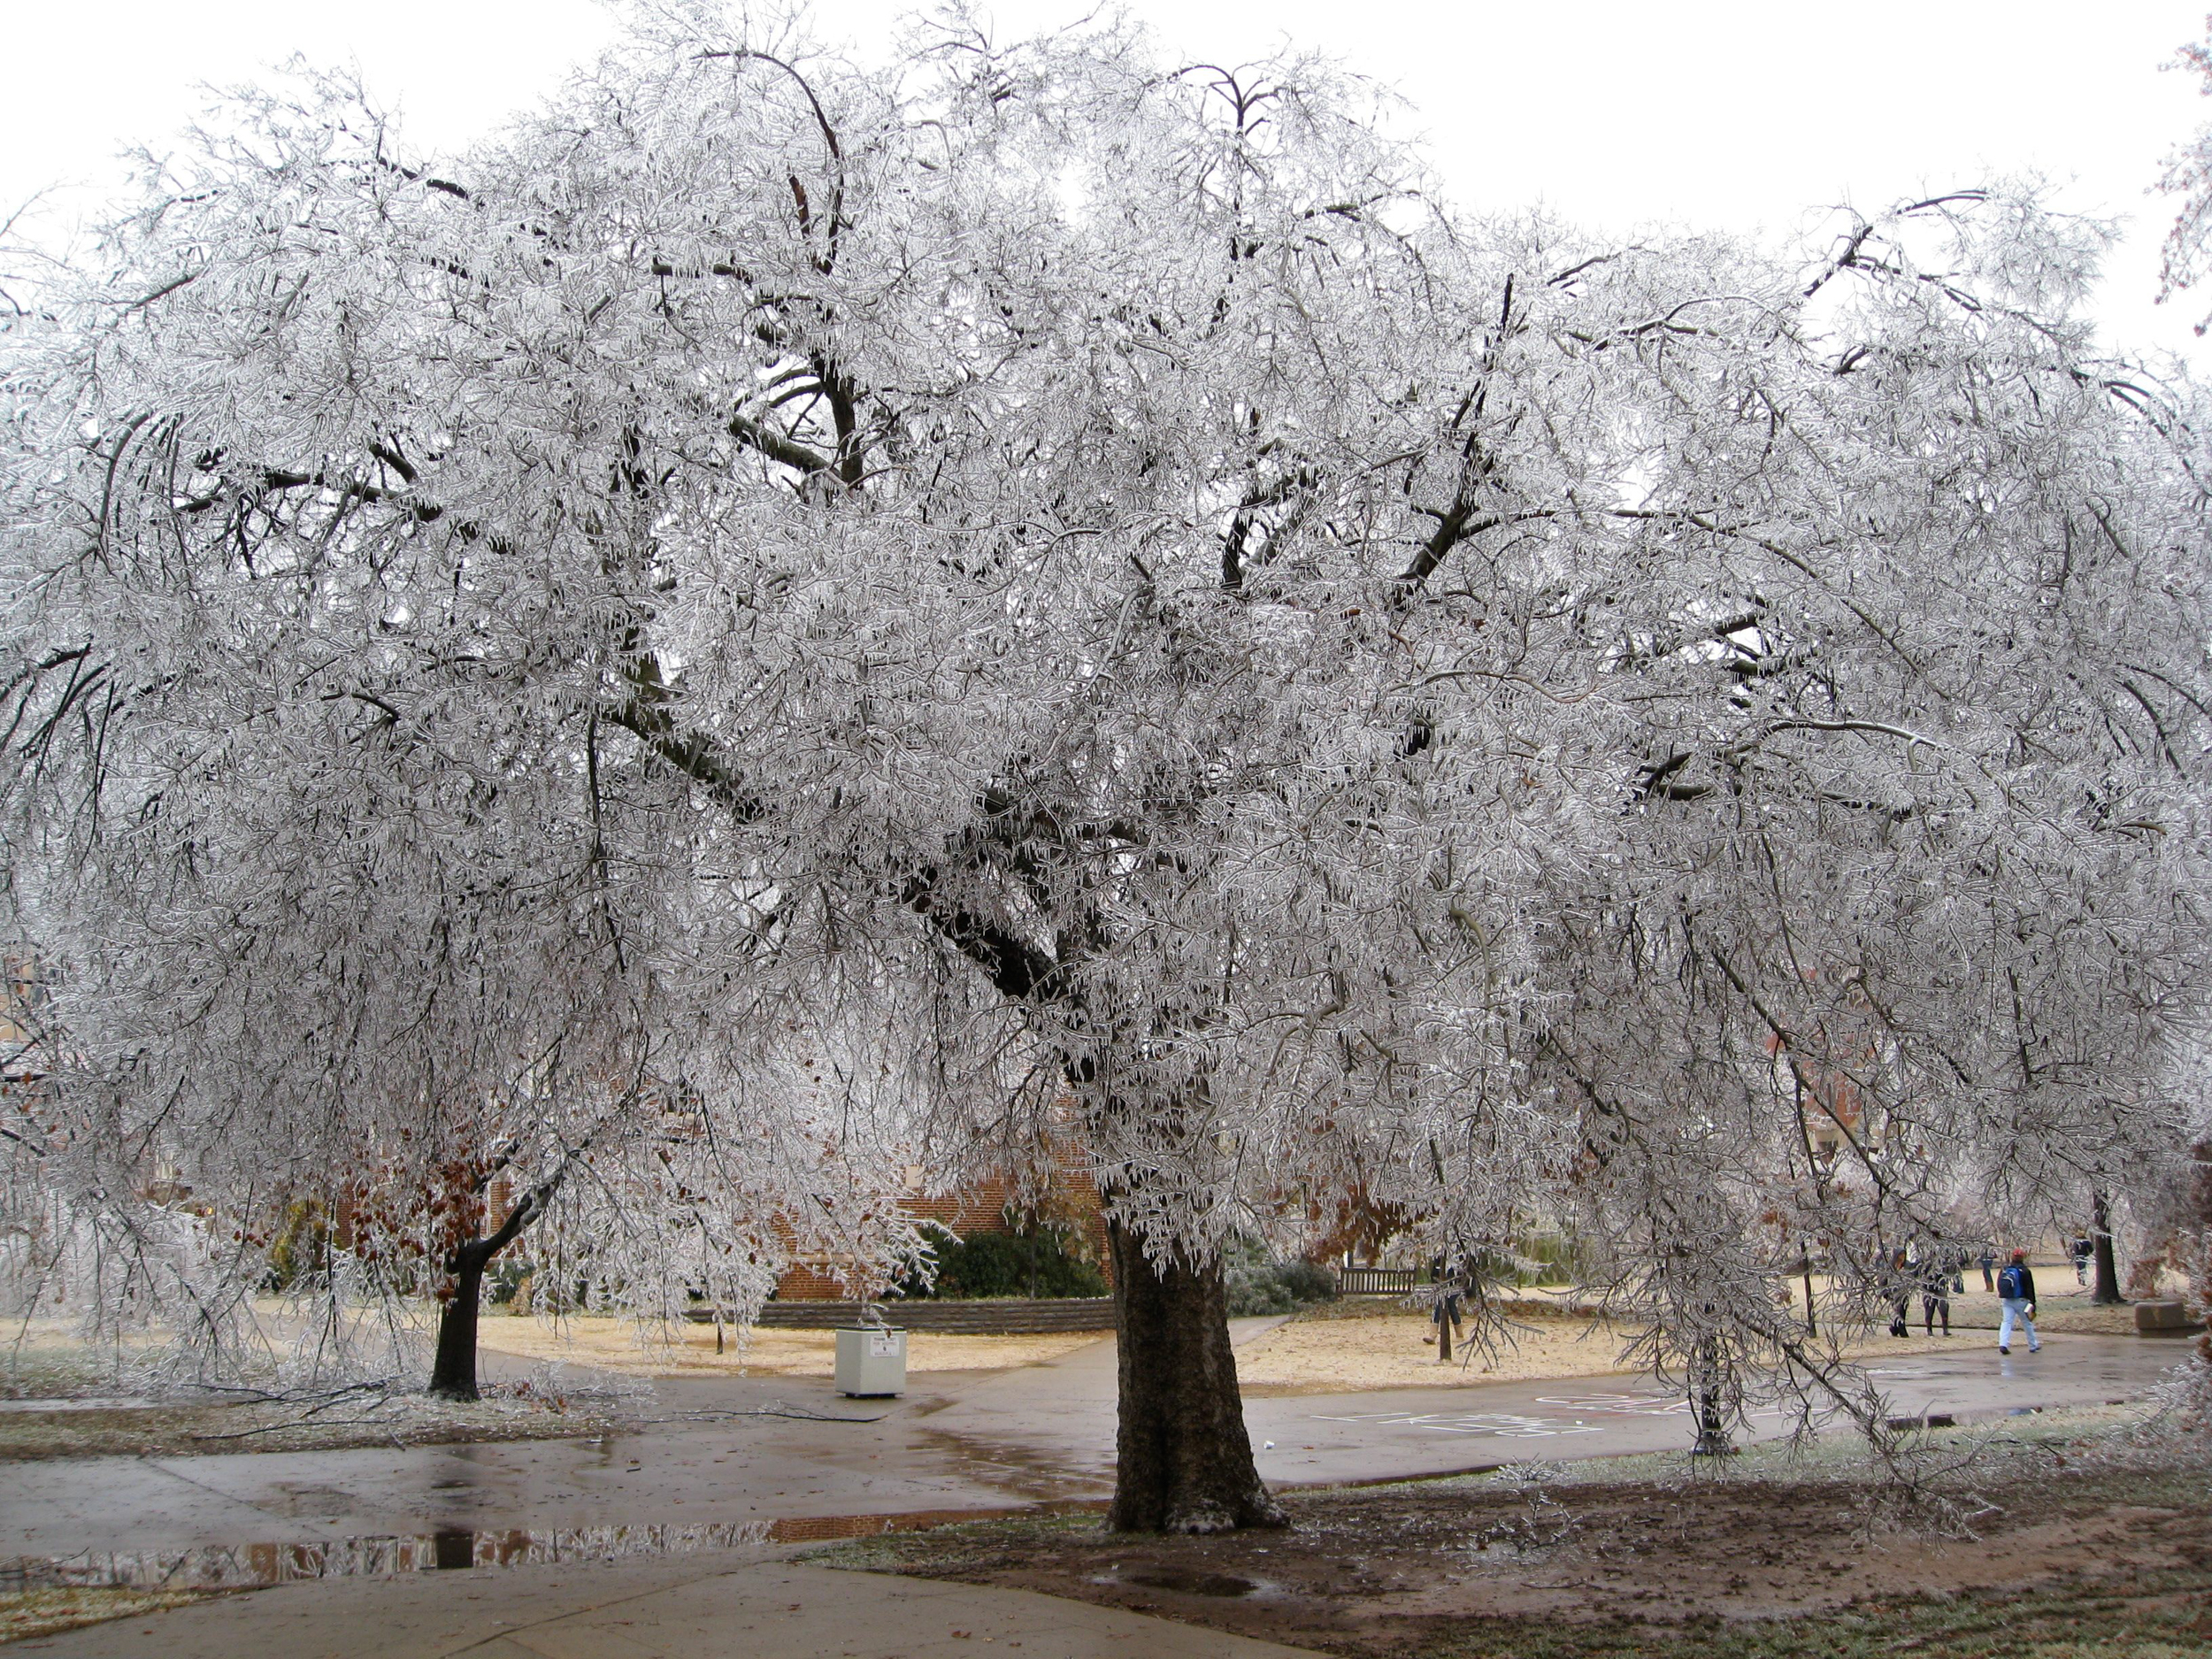 Oklahoma Ice Storm 2007 - Norman, Oklahoma